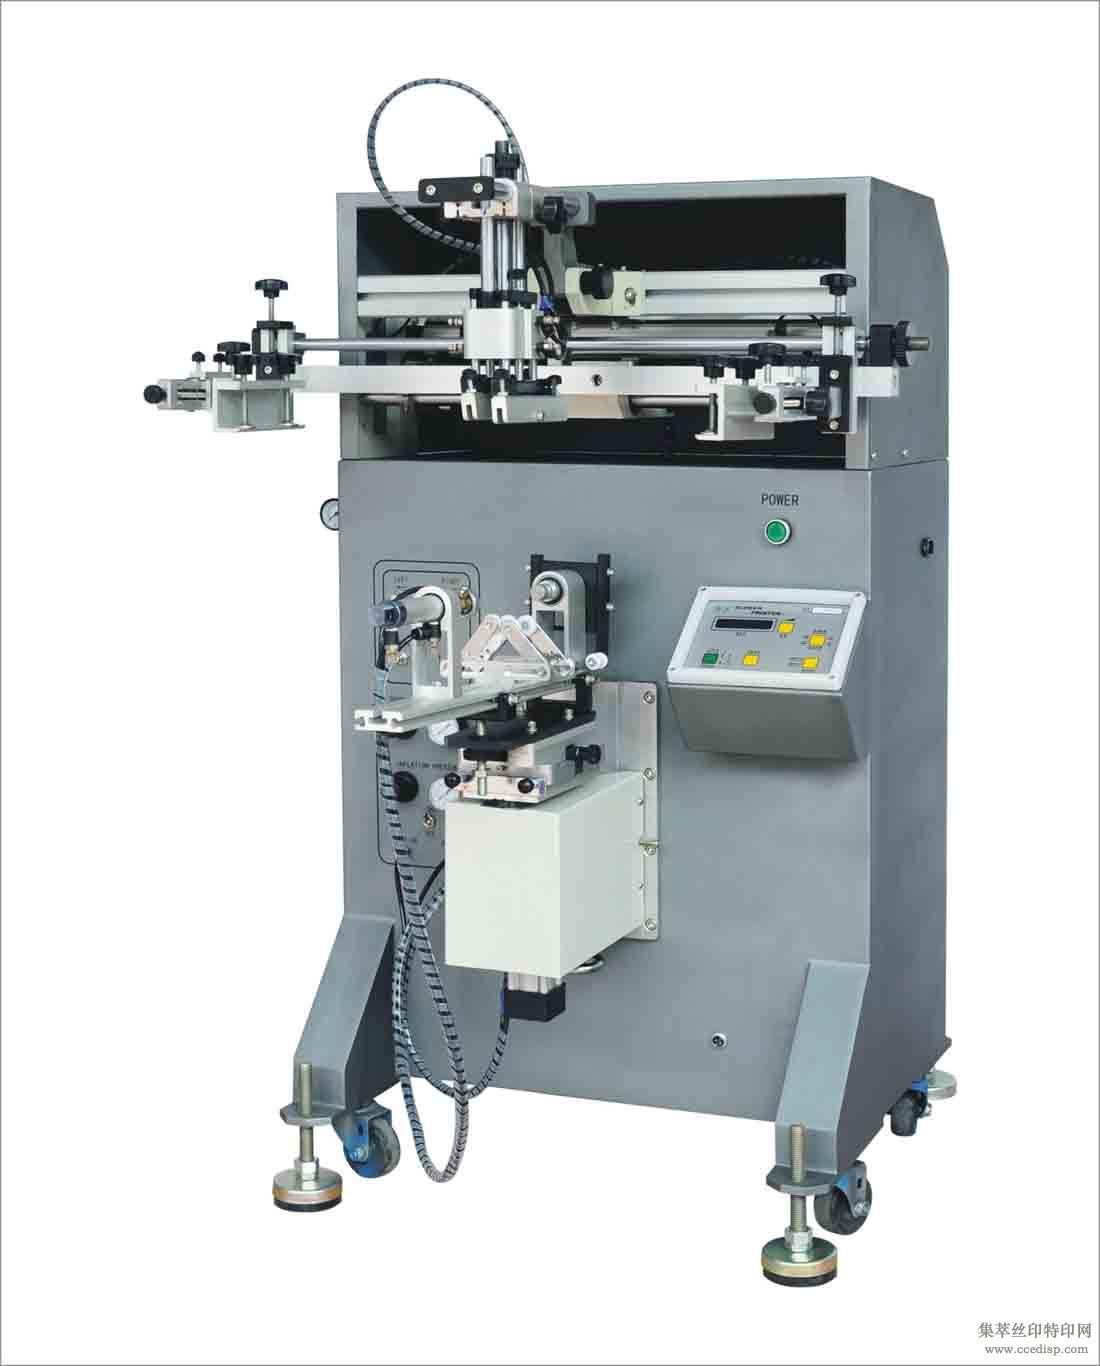 陶瓷印刷曲面丝印机S-400R,东莞迅源丝印机,专业设计生产印刷机械